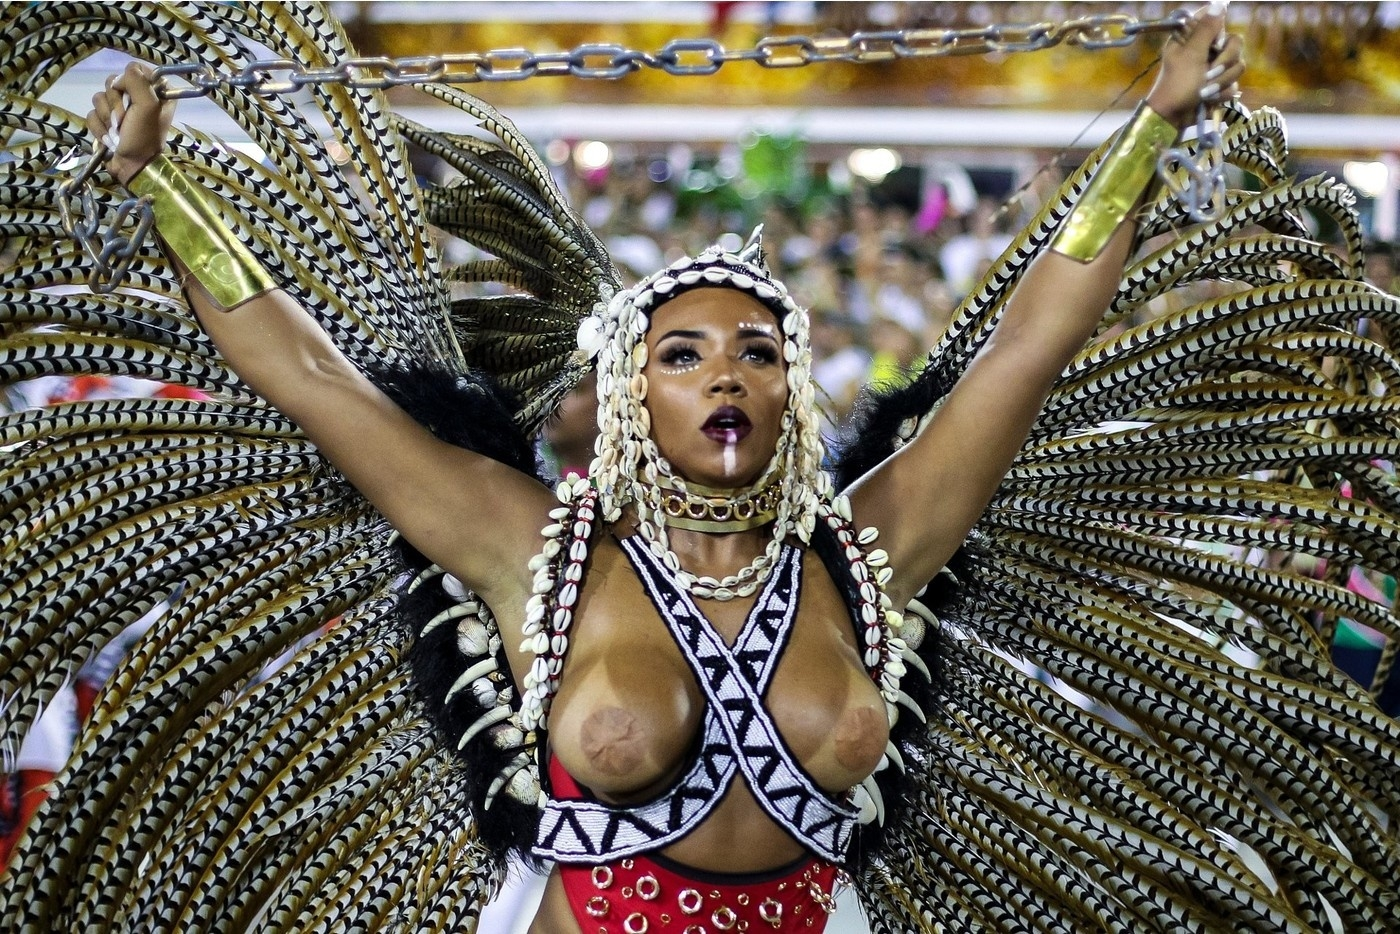 Rio de janeiro porn galery pics